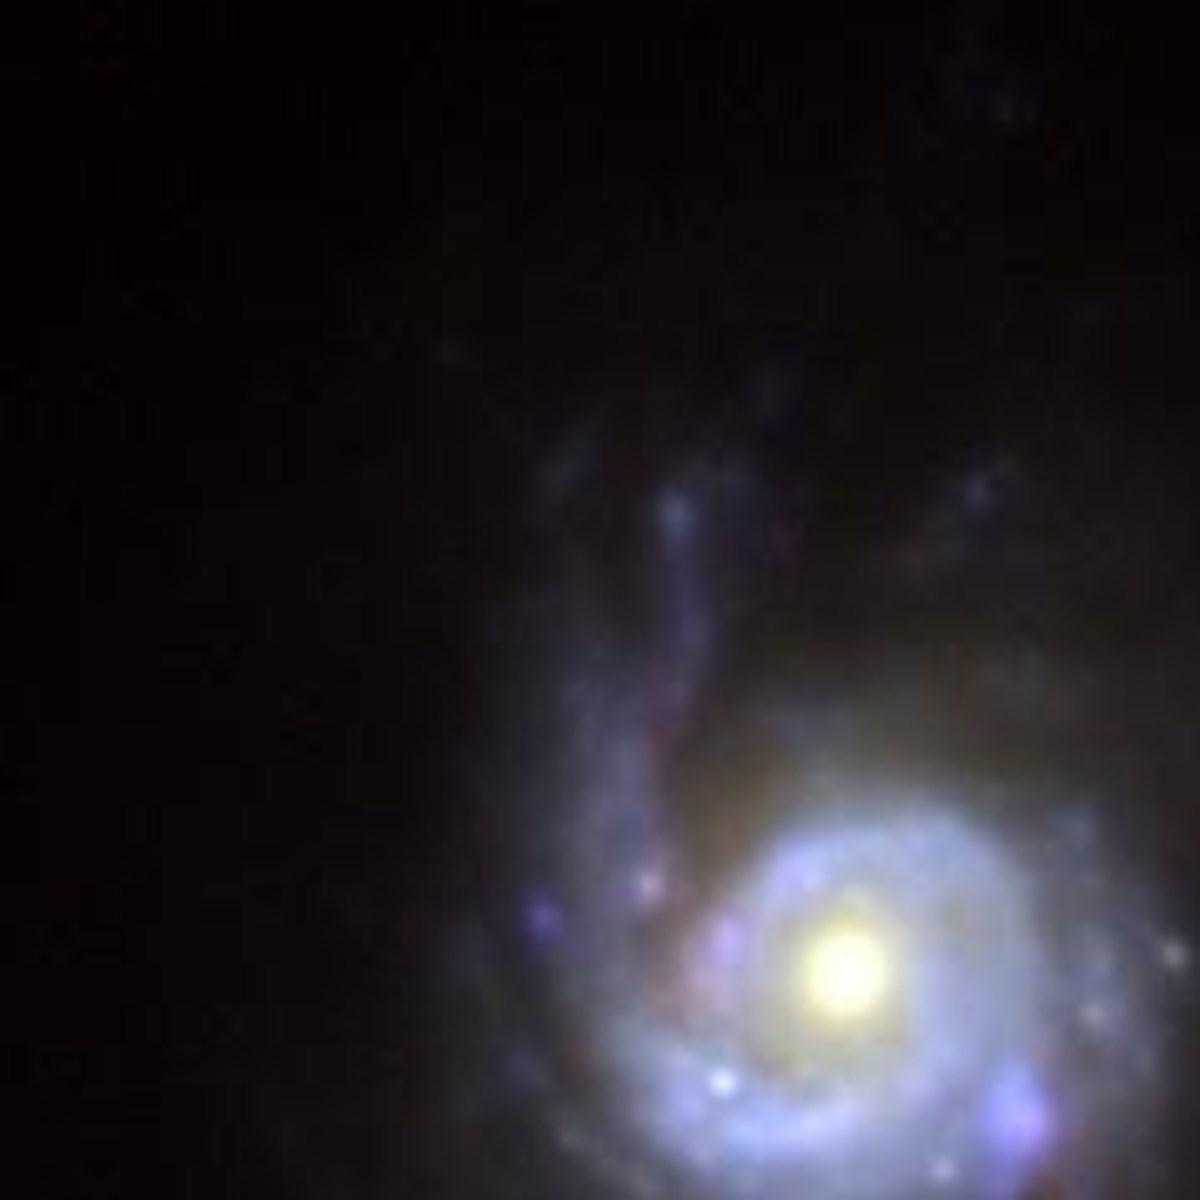 Süpernovanın yakınlaştırılmış ve düzenlenmiş hali